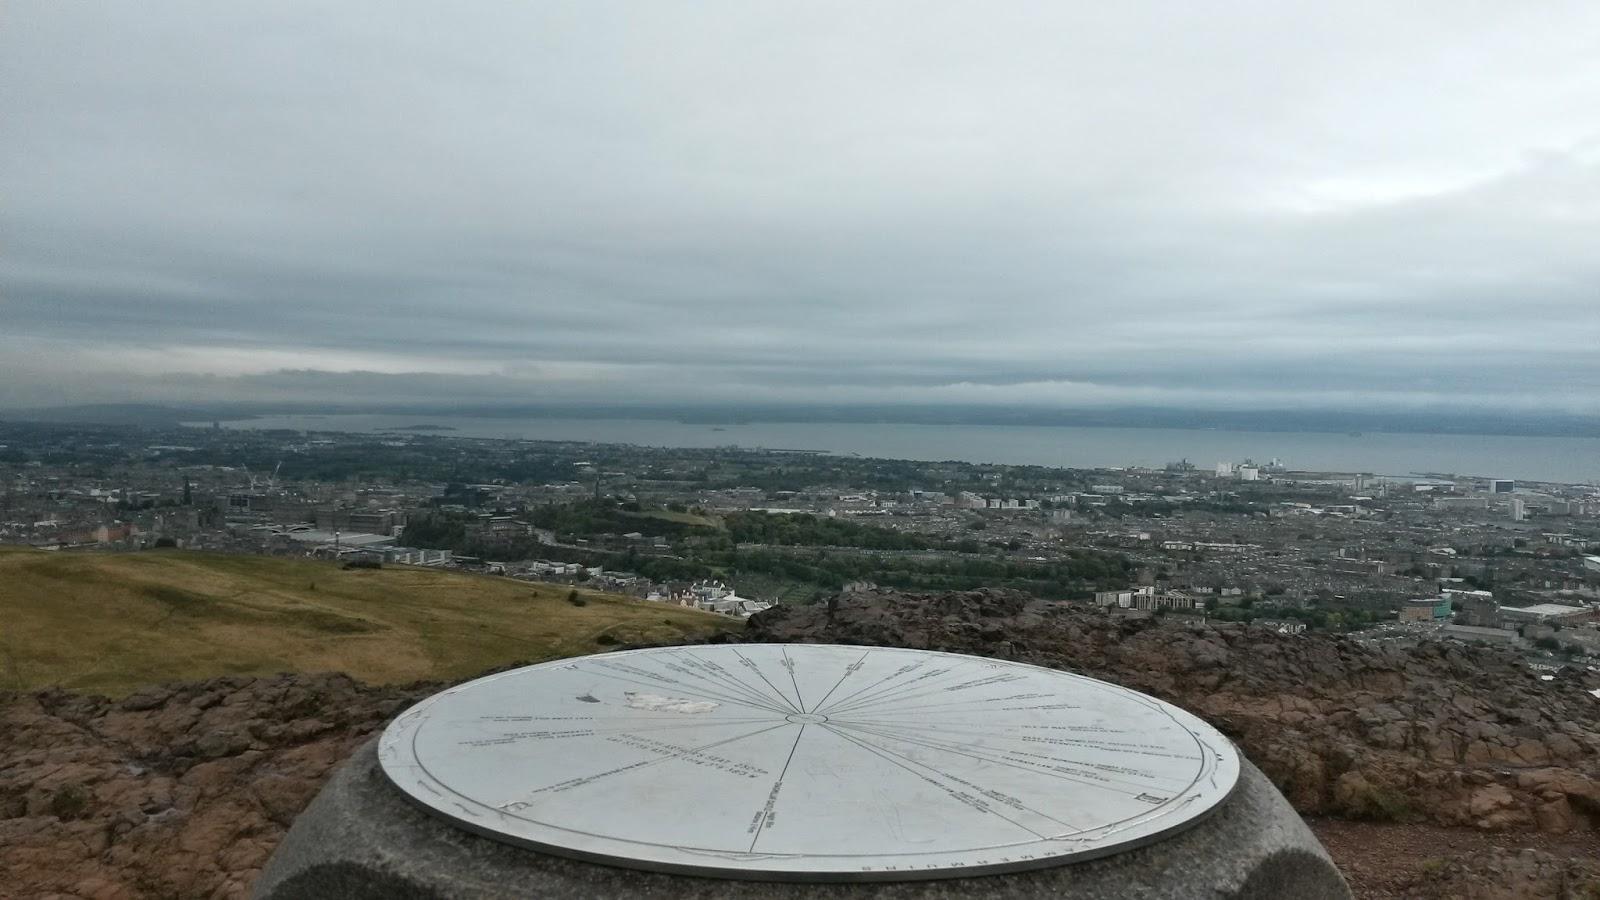 edinburgh scotland iskoçya arthurs seat holyrood park britanya